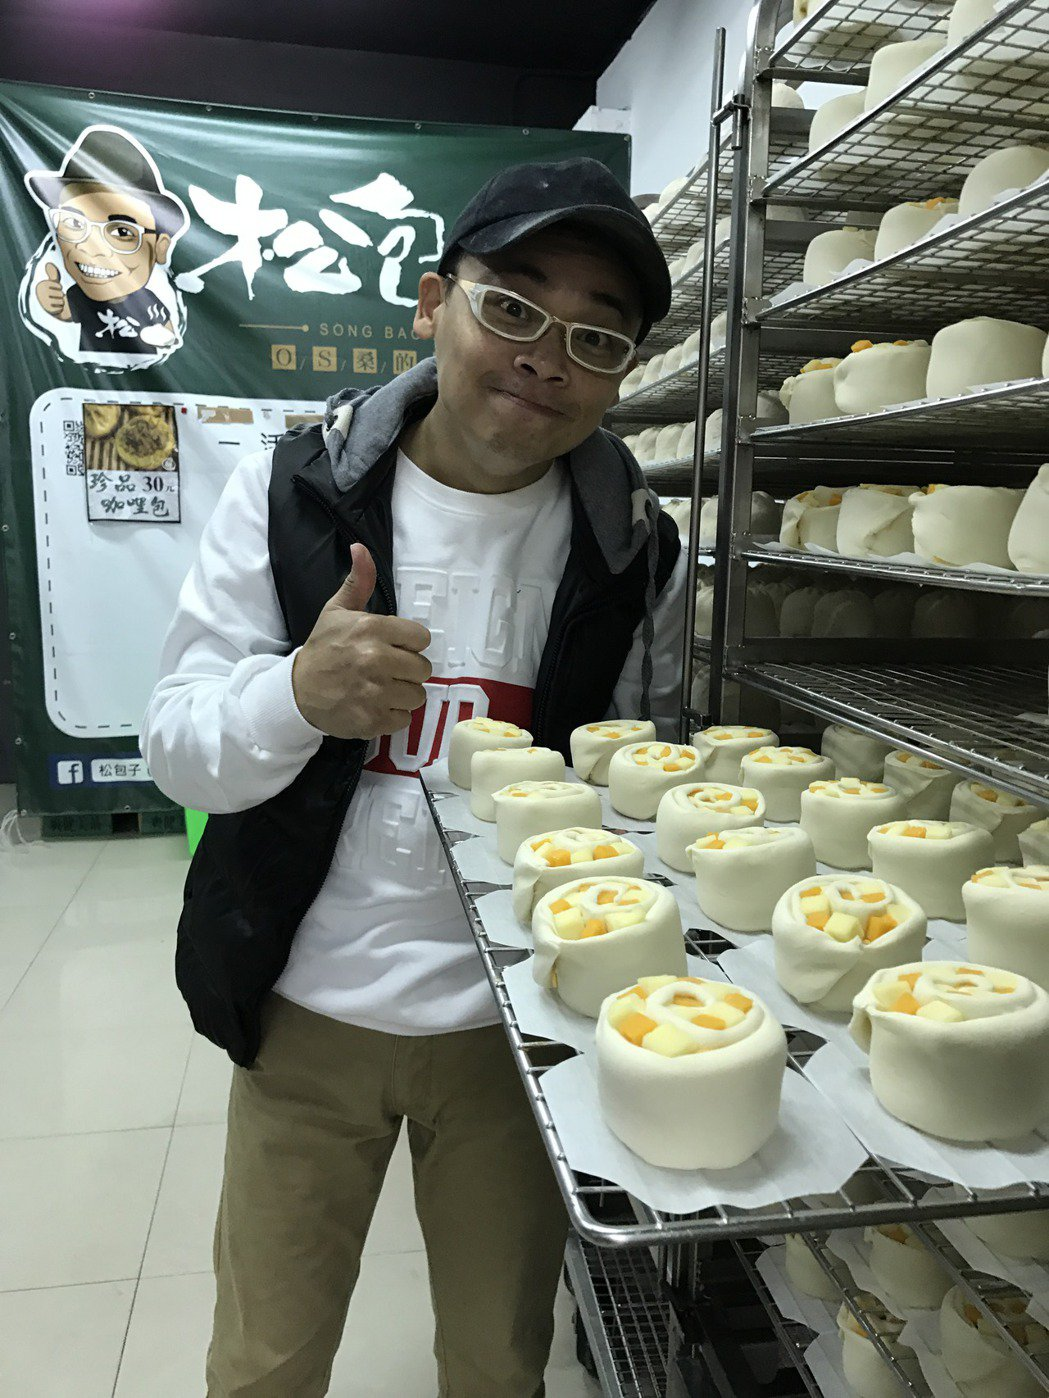 阿松研發的奶皇包很夠味,吃時還會流汁。記者葉君遠/攝影